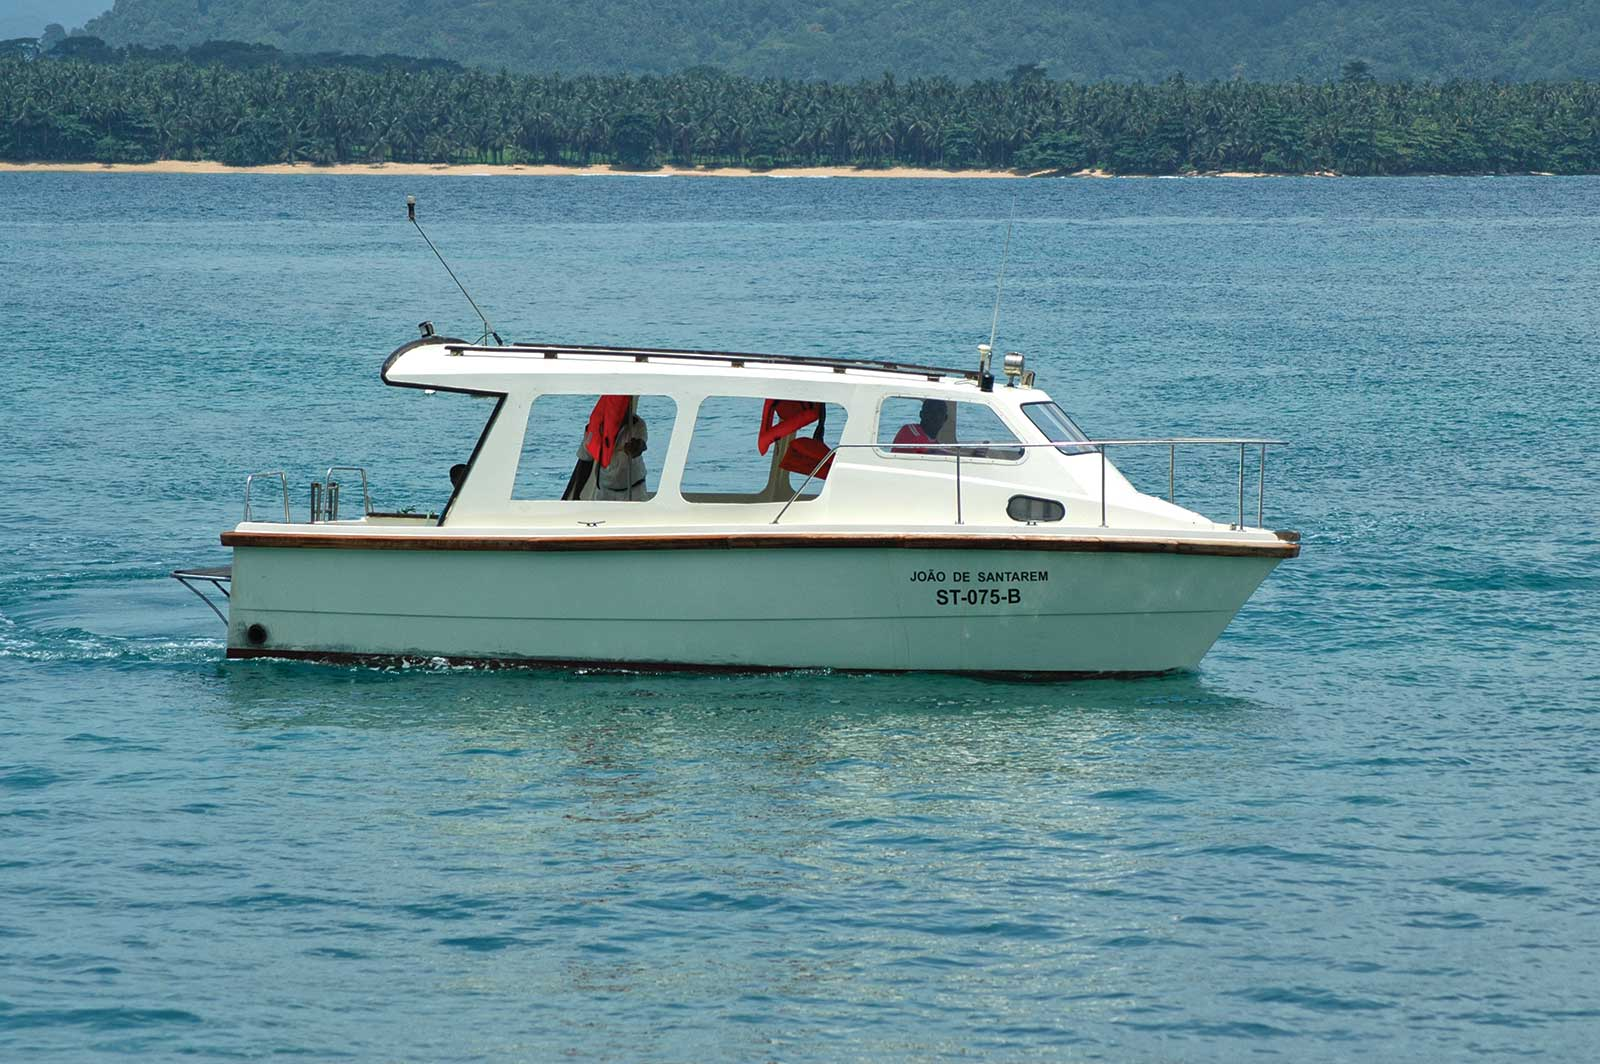 Une excursion en bateau à la découverte des plus belles plages du nord-est de l'île de Principe